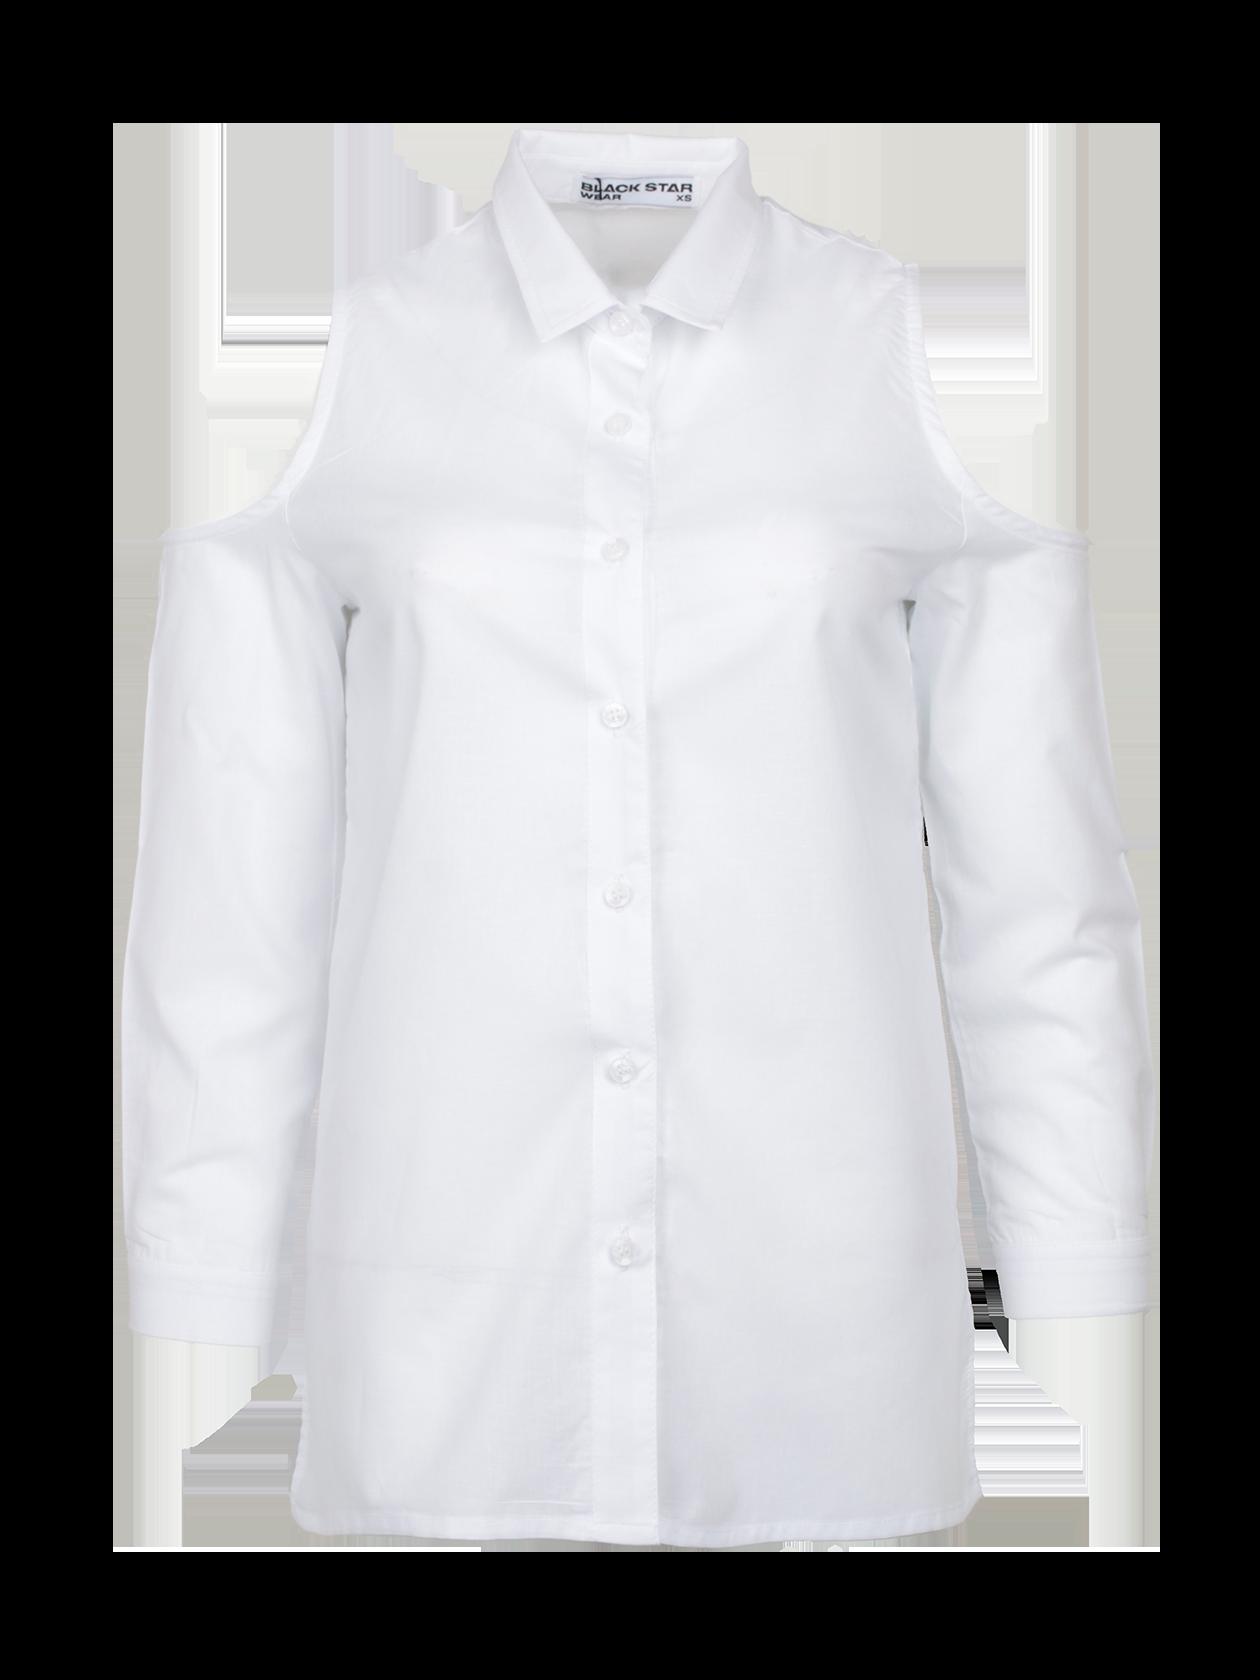 Рубашка женская ROYALTY 13Модная рубашка женская Royalty 13 для создания стильного образа на каждый день. Модель классического дизайна с прямым кроем, рубашечным воротником и планкой с пуговицами. Эффектная фишка изделия – глубокий вырез в верхней части рукавов. Для пошива вещи использовано особое хлопковое полотно, отличающееся практичностью и долговечностью. Рубашка представлена в белой, ментоловой и синий/белой расцветке. Подберите к ней леггинсы, брюки или юбку из коллекции Black Star Wear и станьте настоящей иконой стиля.<br><br>Размер: XS<br>Цвет: Белый<br>Пол: Женский